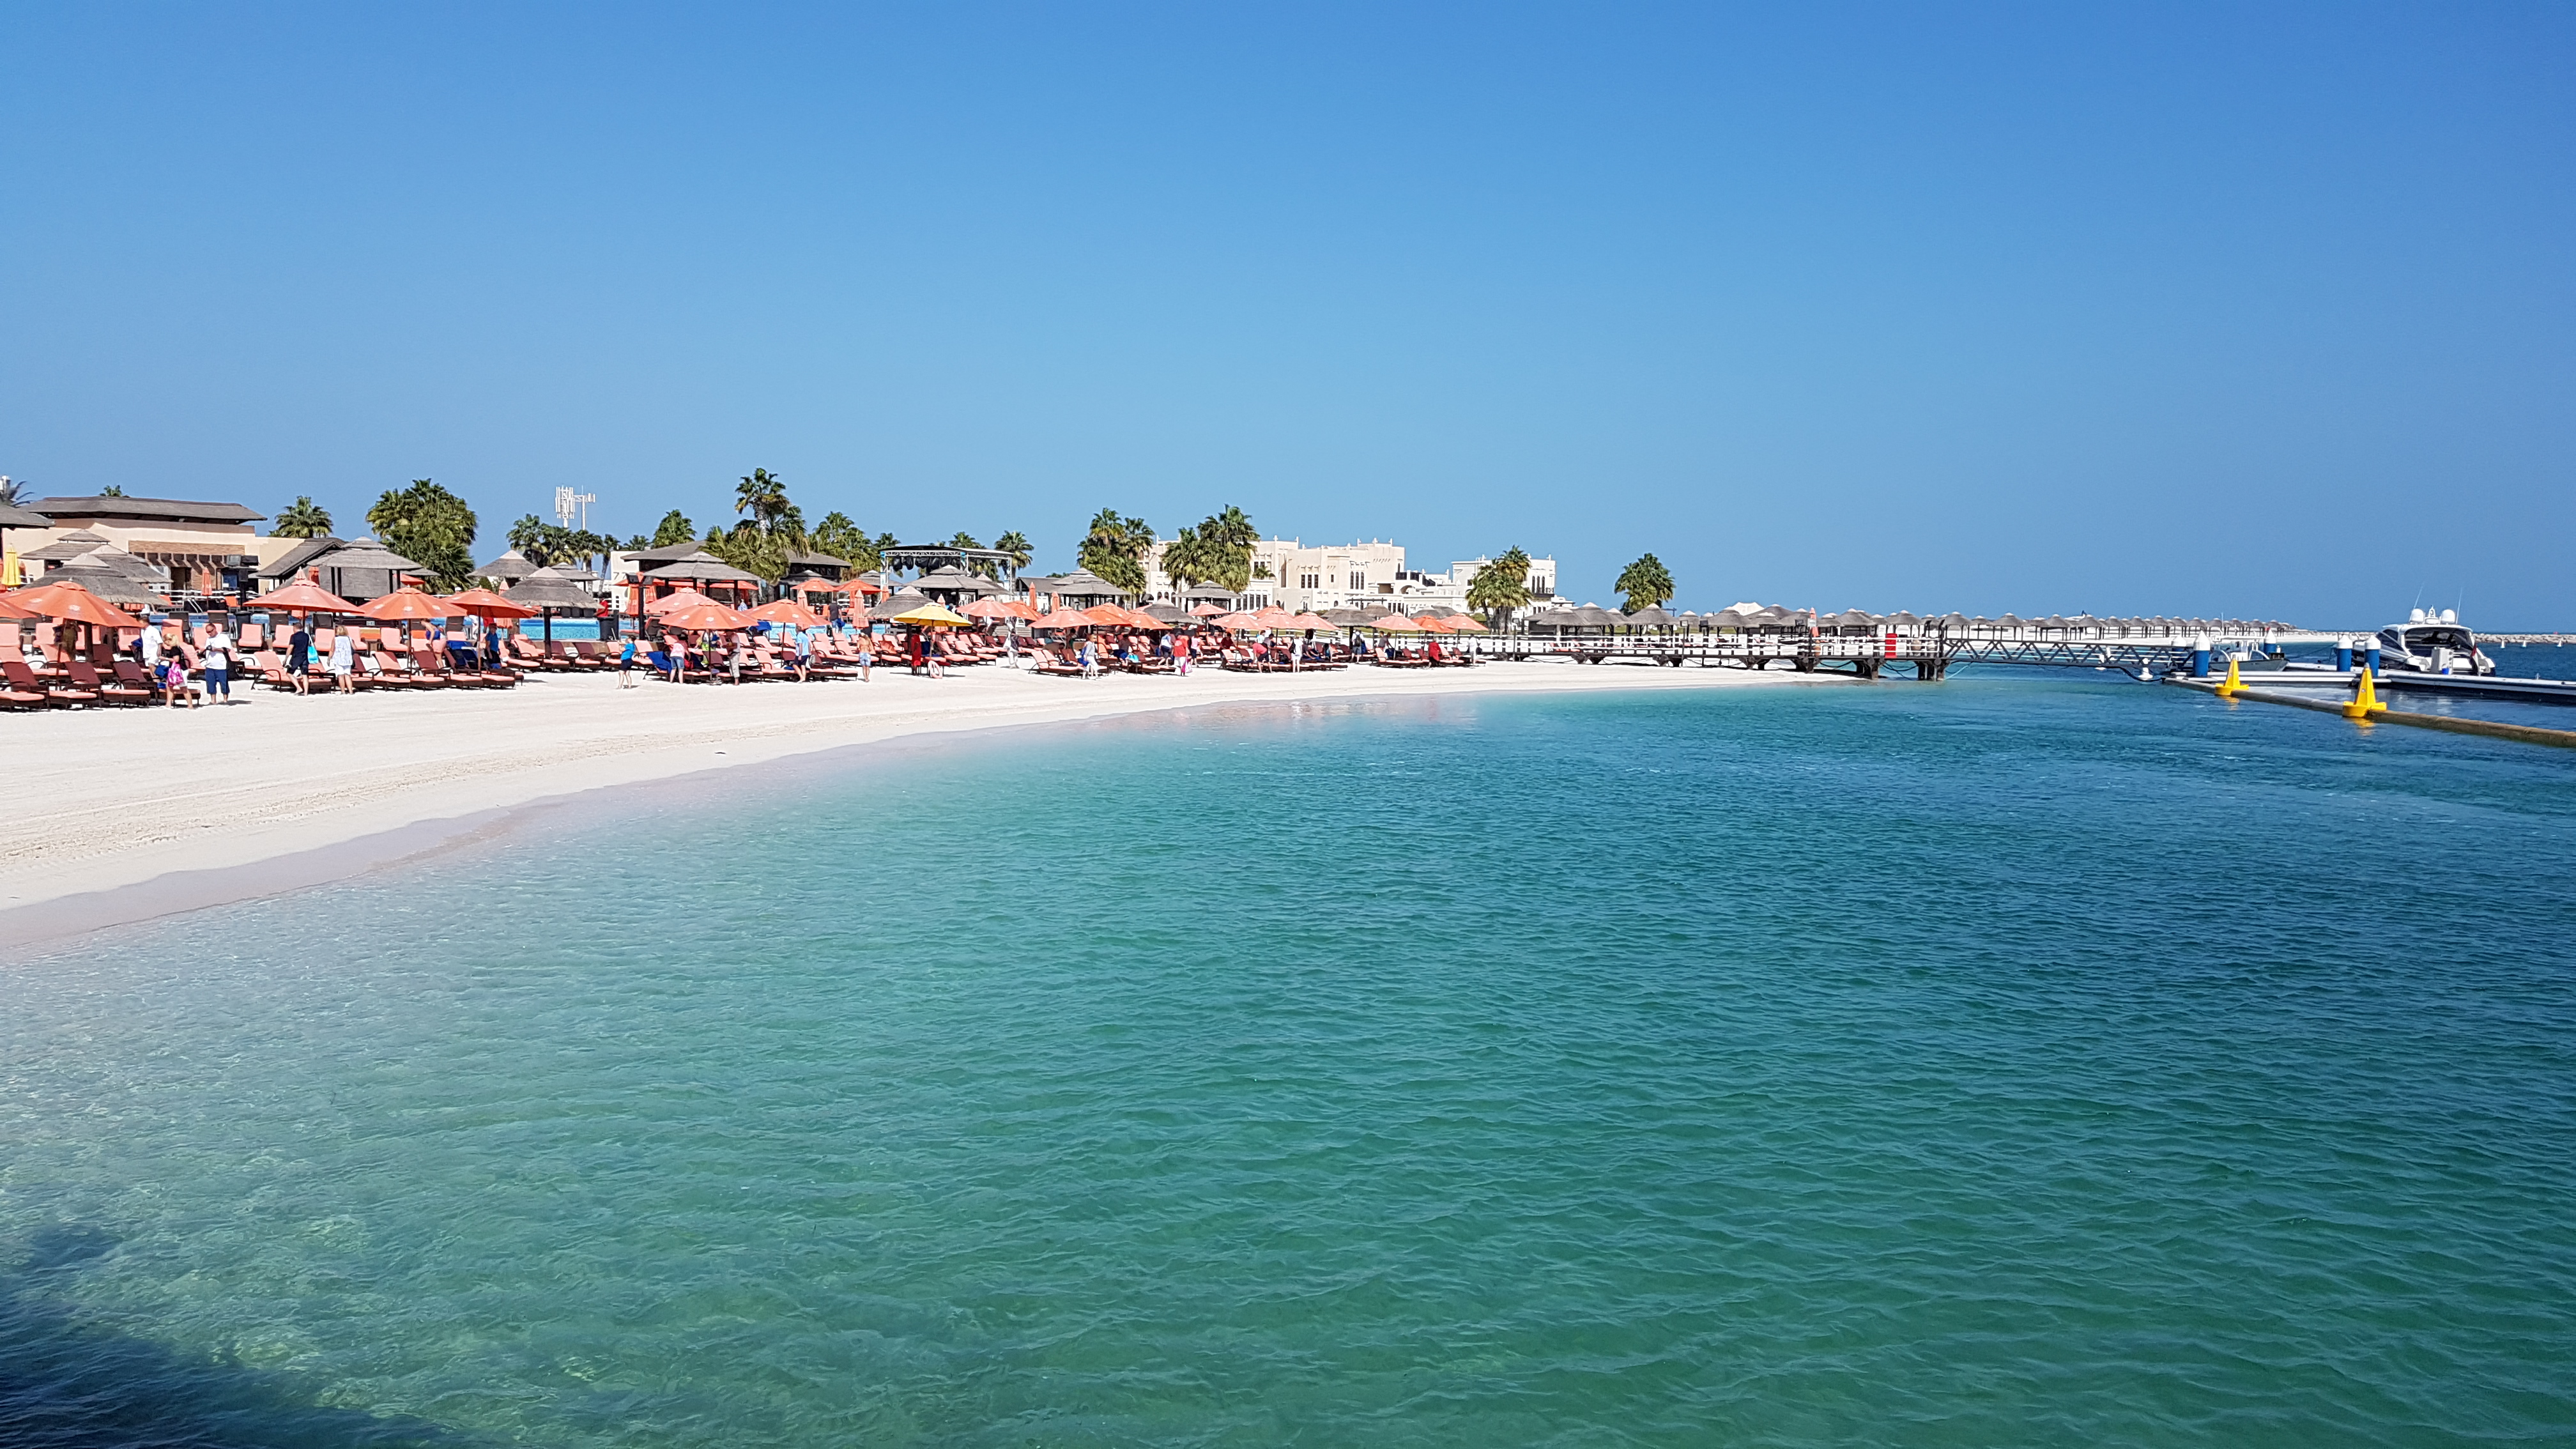 Mein Schiff Ausflugsziel in Abu Dhabi: Der Al Maya Strand